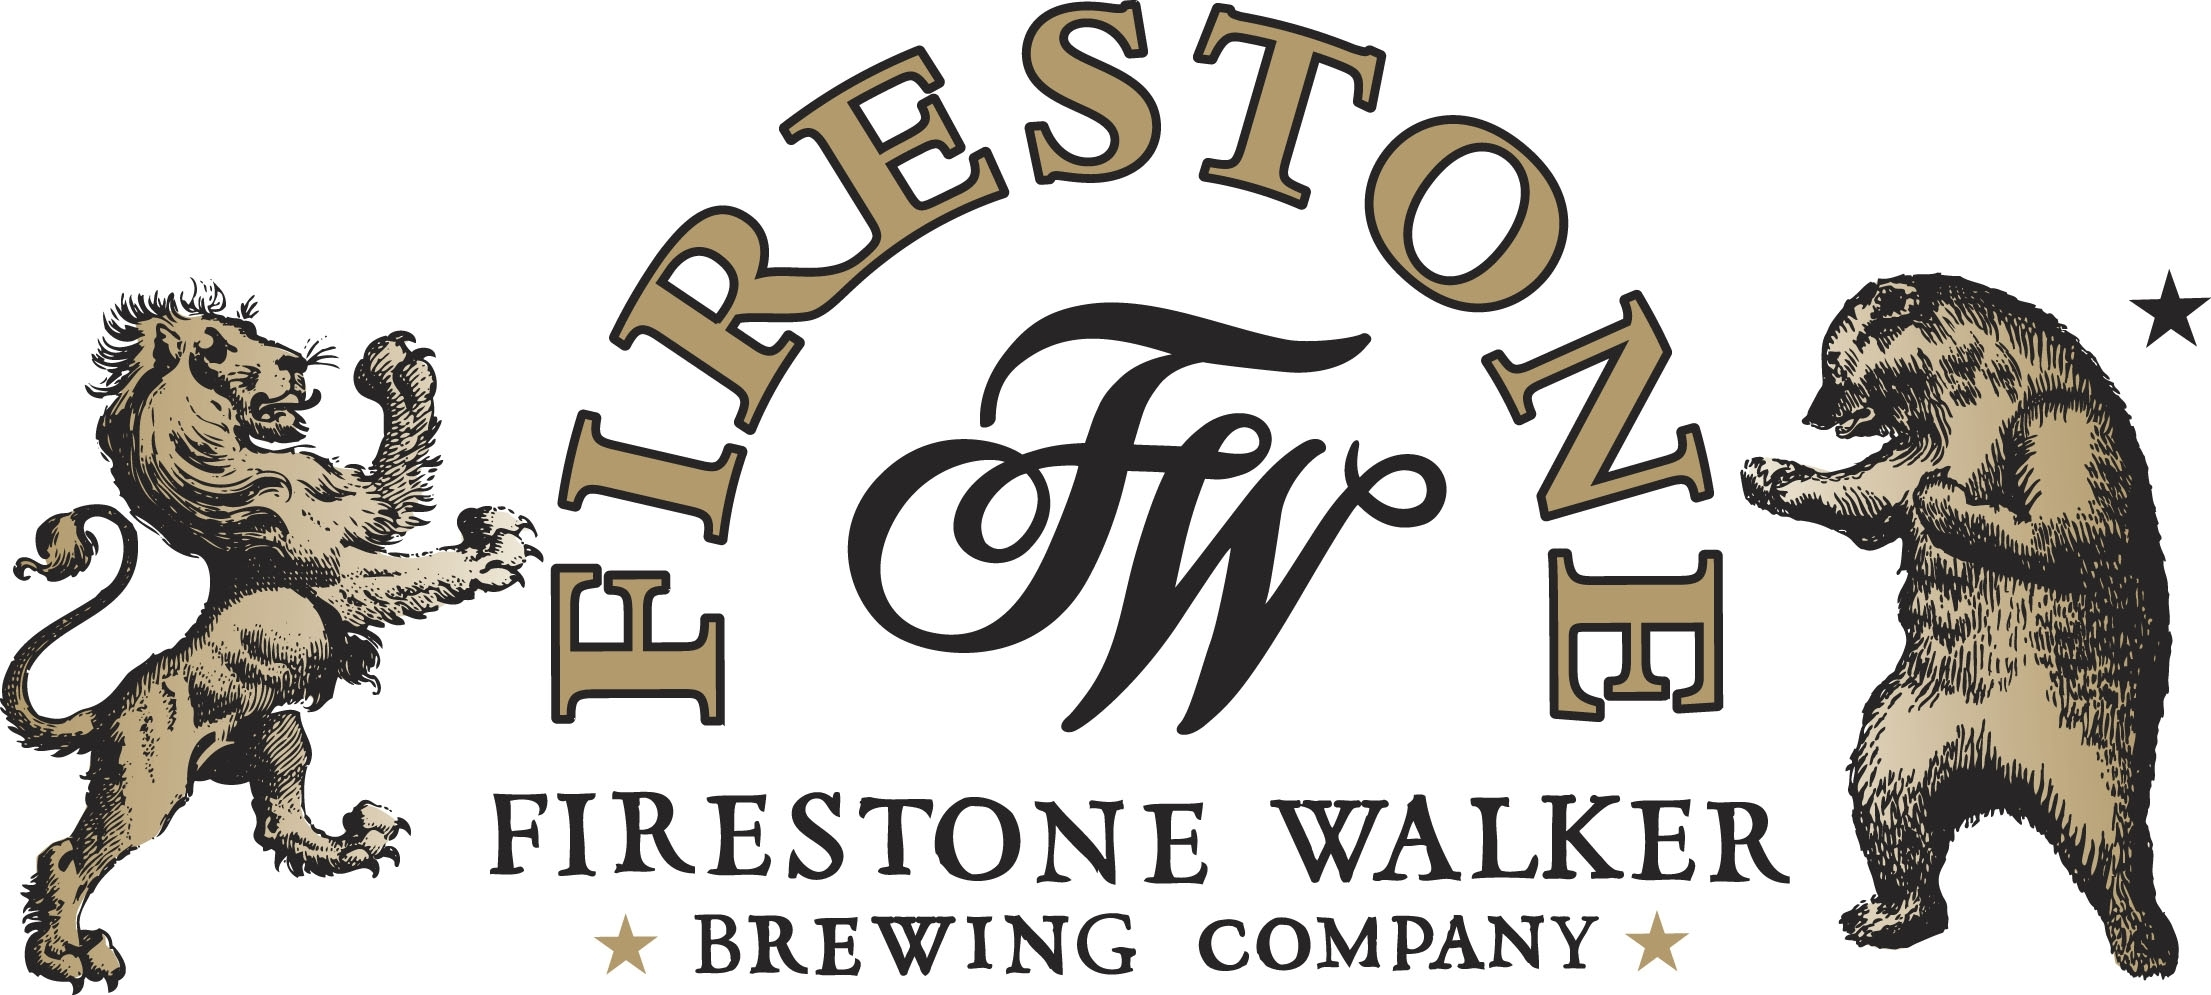 Firestone Walker To Open 8 New States In 2016 Brewbound Com